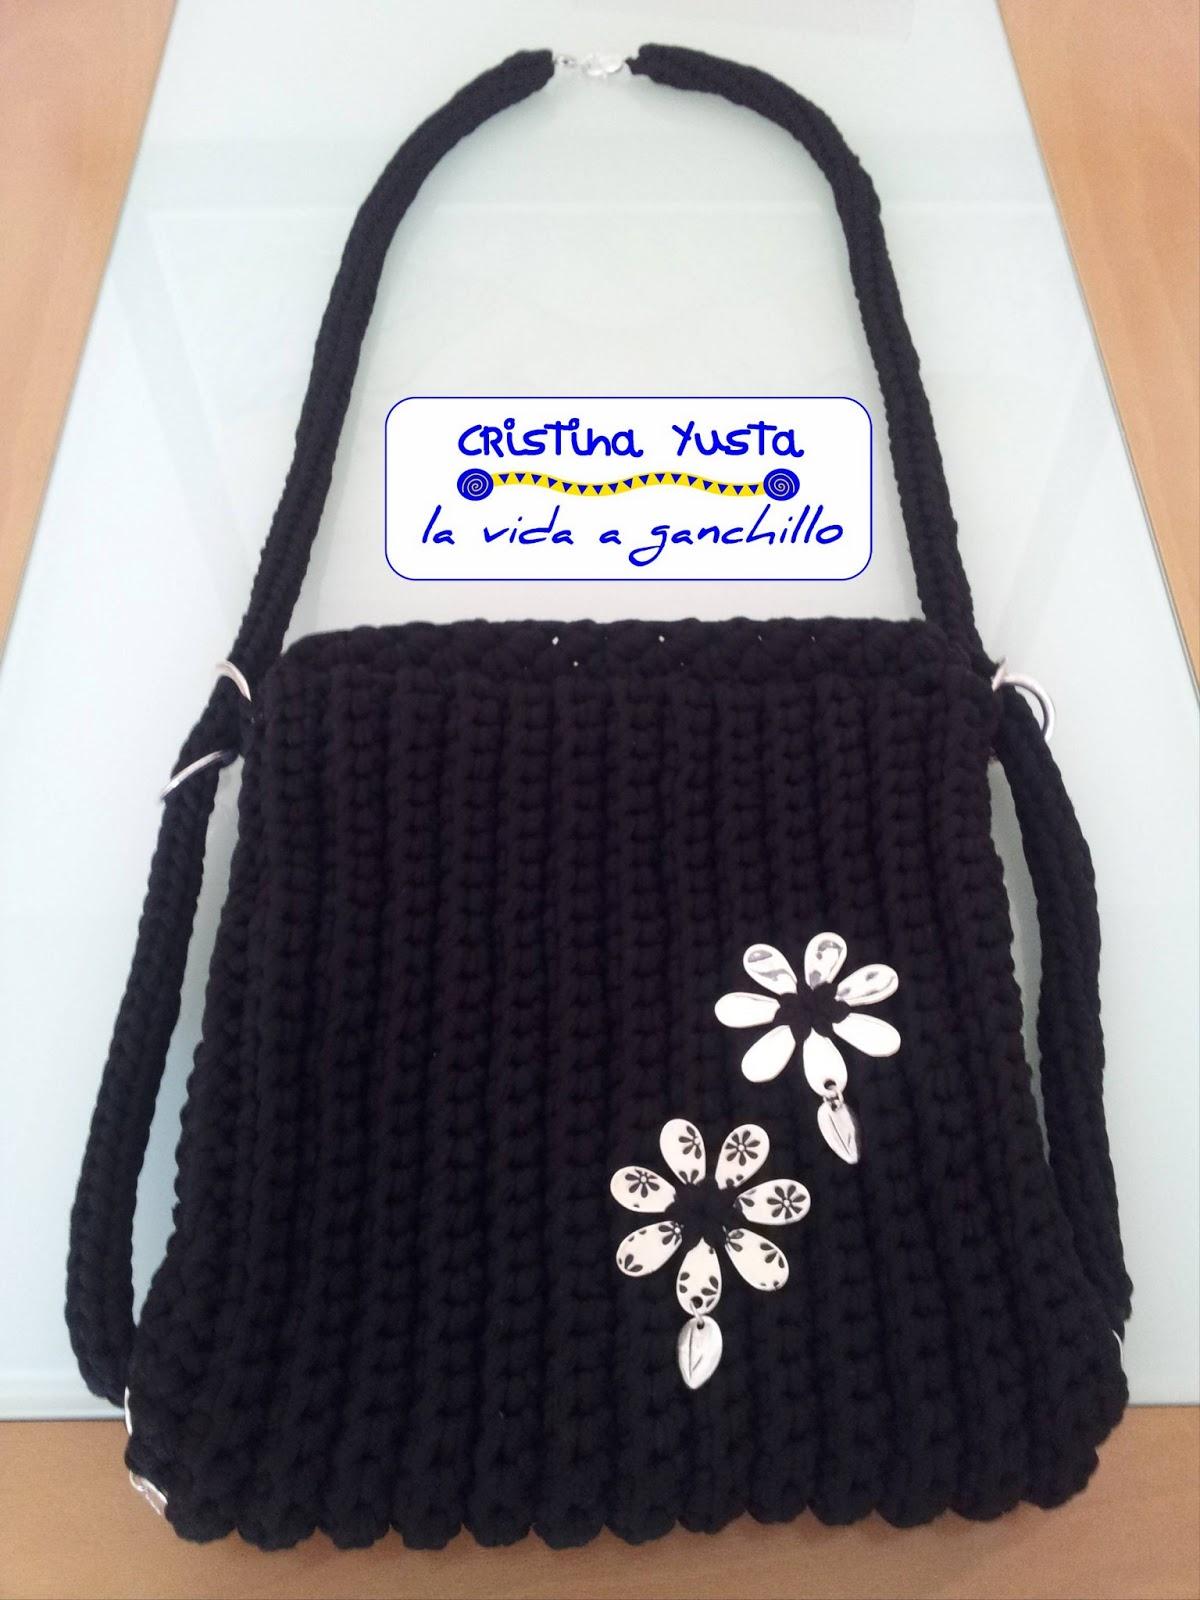 La vida a ganchillo bolso mochila de trapillo for Bolso crochet trapillo